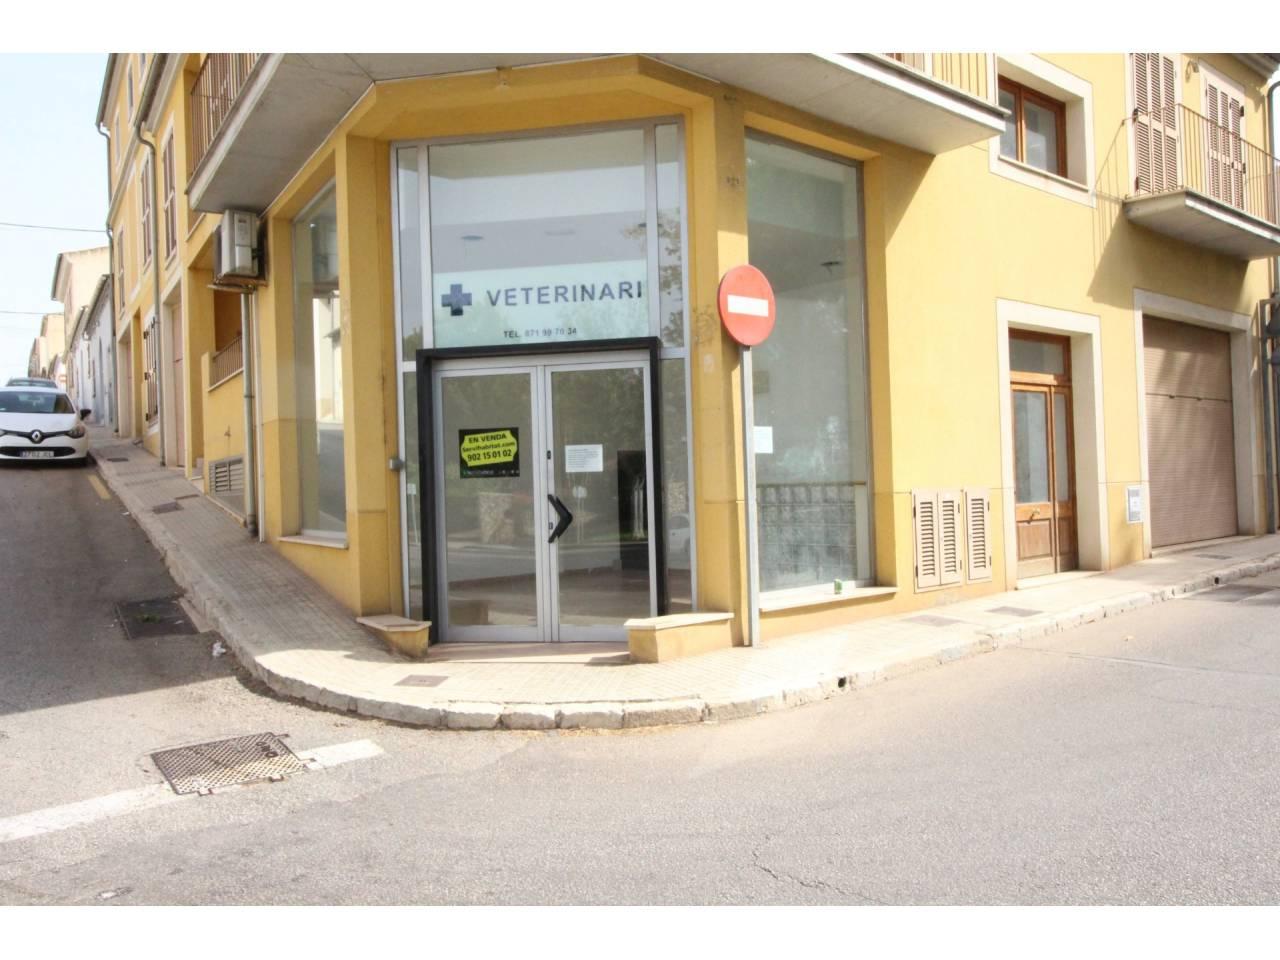 Locale commerciale  Muro. Local comercial situado en la  esquina de una calle con gran con